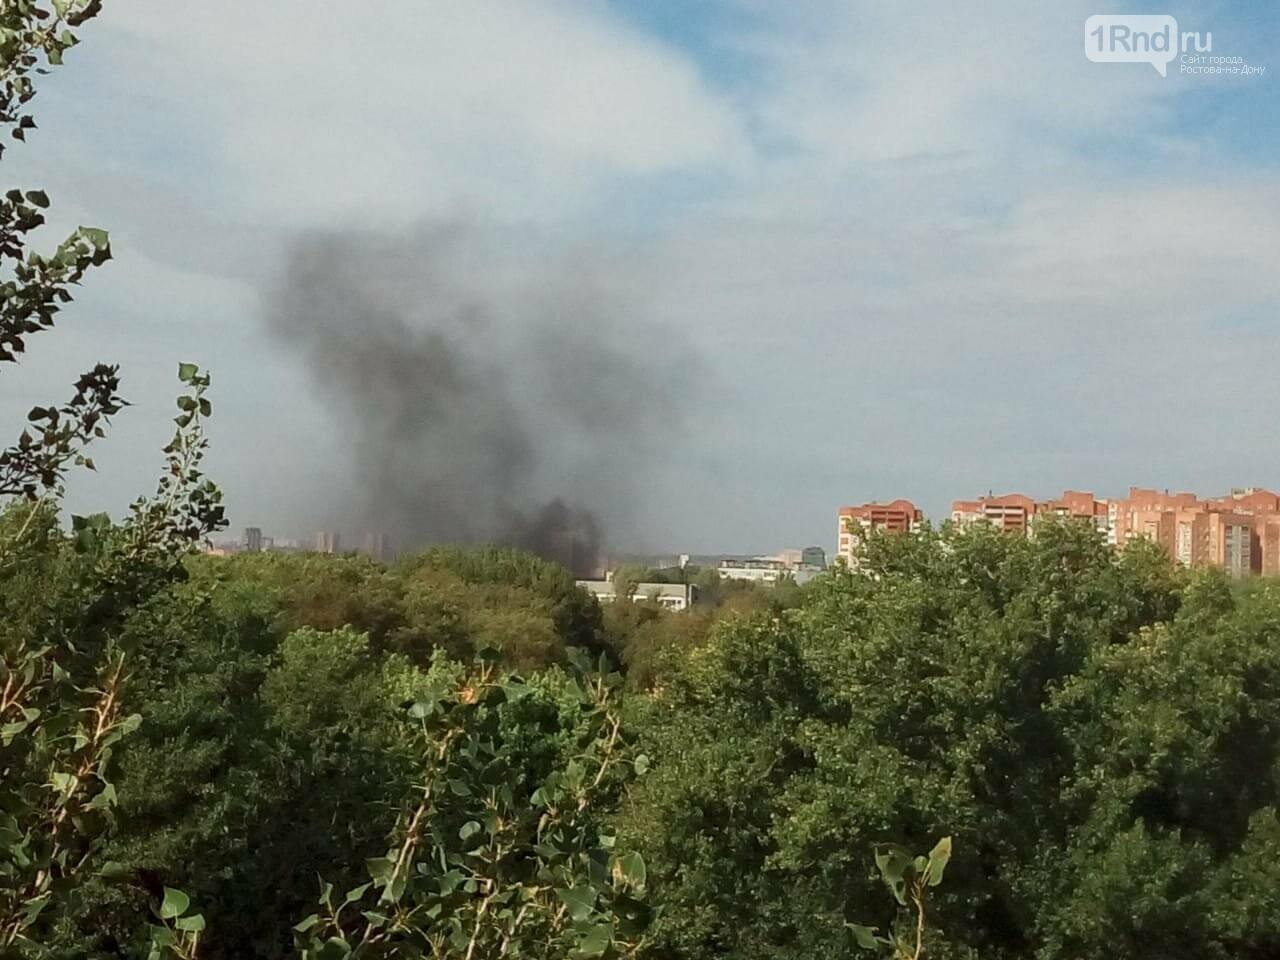 В Ростове на Сельмаше выгорело 50 кв метров мусора, фото-1